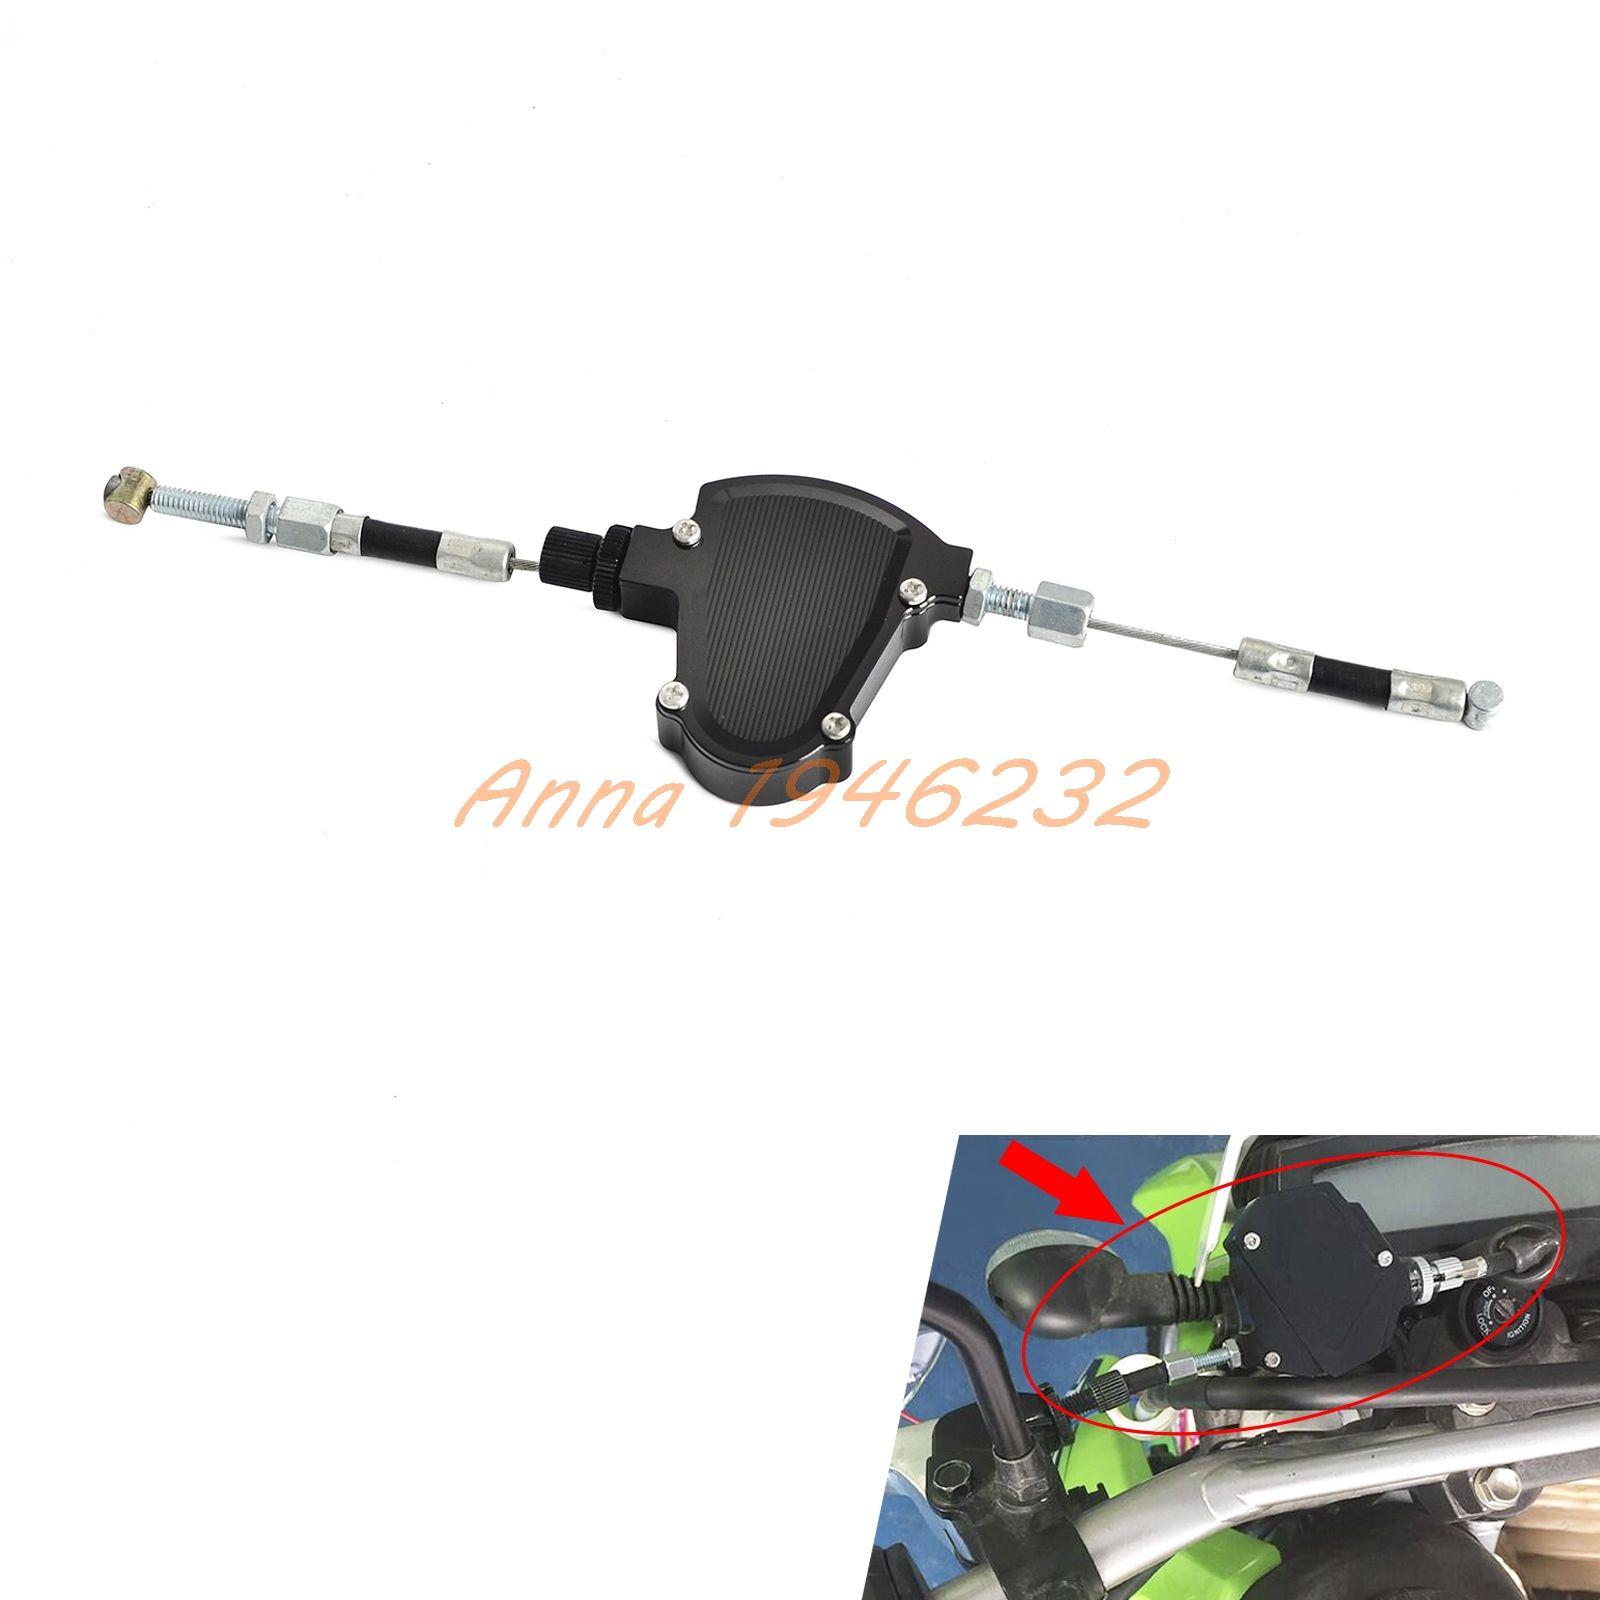 Motorcycle Stunt Clutch Easy <font><b>Pull</b></font> Cable System For R6 MT09 YZ YZF CR CRF WR 250 450 CB500 Z800 KX KXF CBR GSXR 600 1000 Triumph